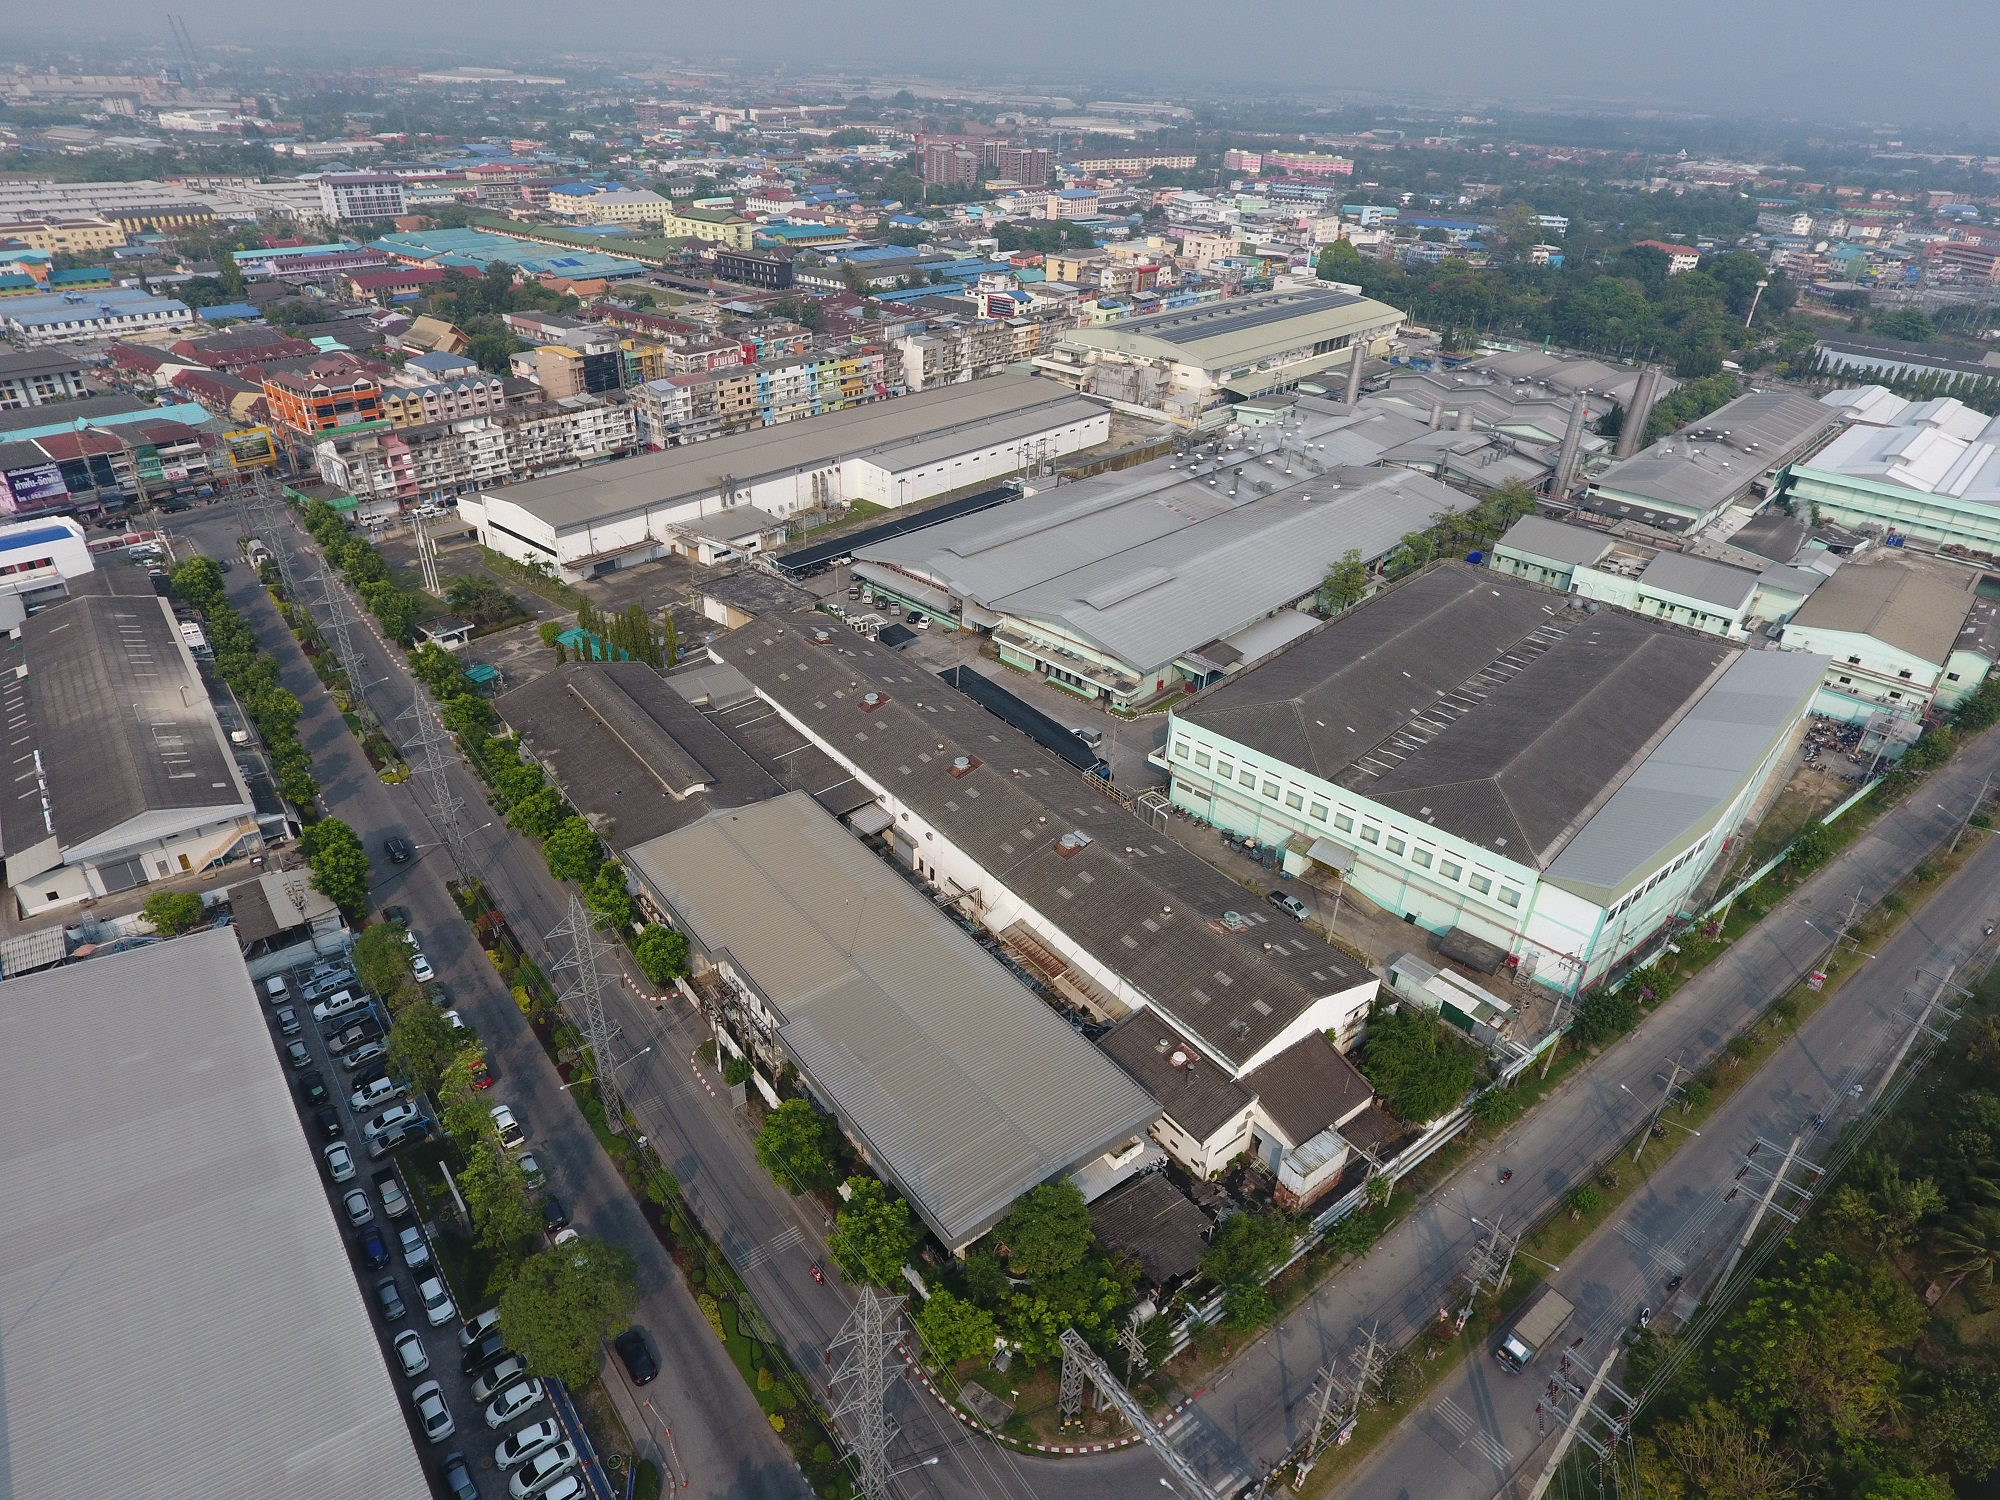 世界最長寿ブランドのケンミン焼ビーフン専用工場新設 基幹事業のタイで3工場目となる新工場を12月オープン